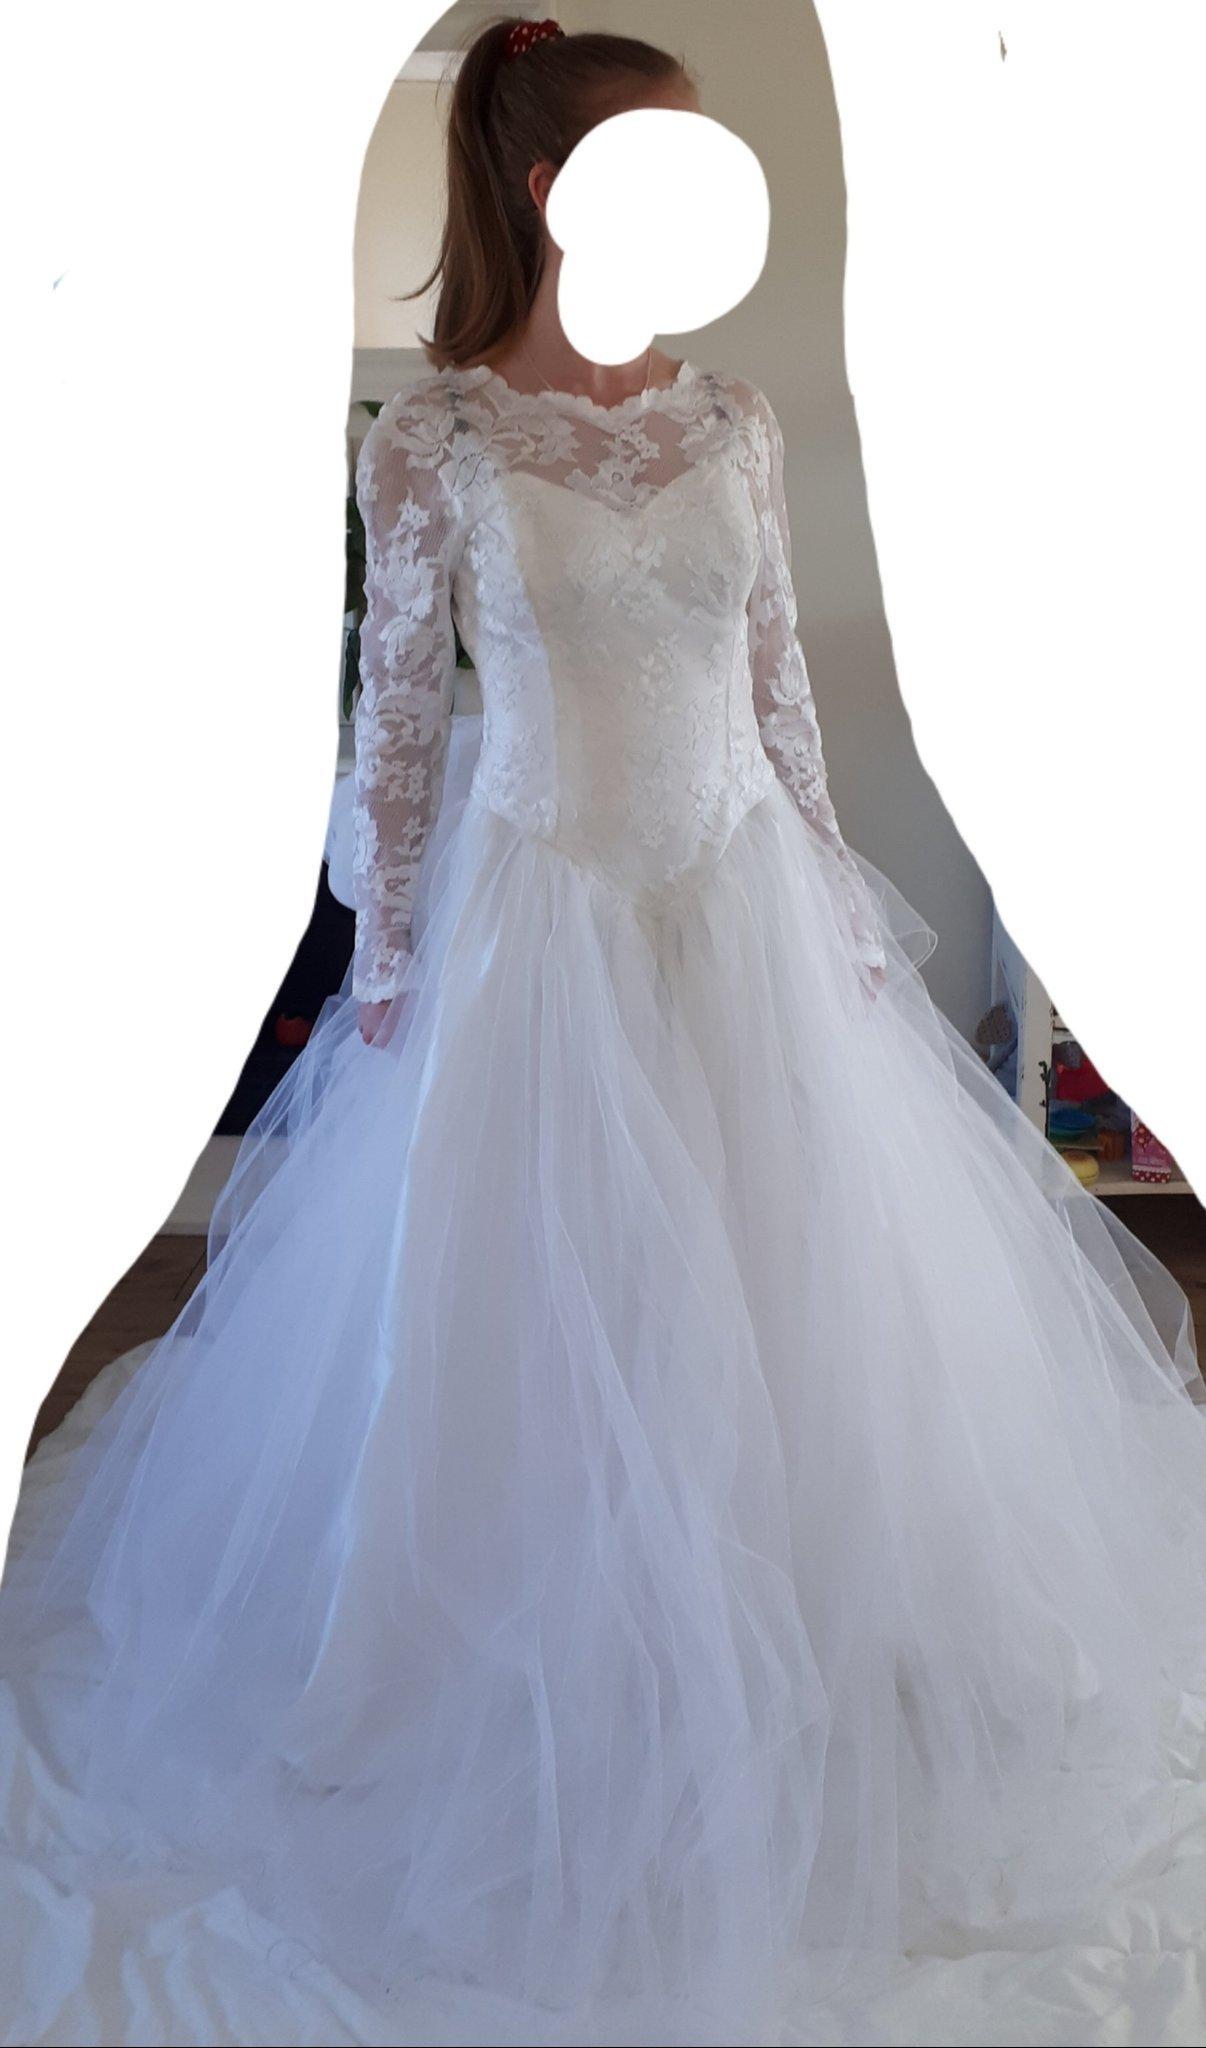 a57404ebe873 Brudklänning bröllopsklänning vit spets tyll k.. (352270858) ᐈ Köp ...